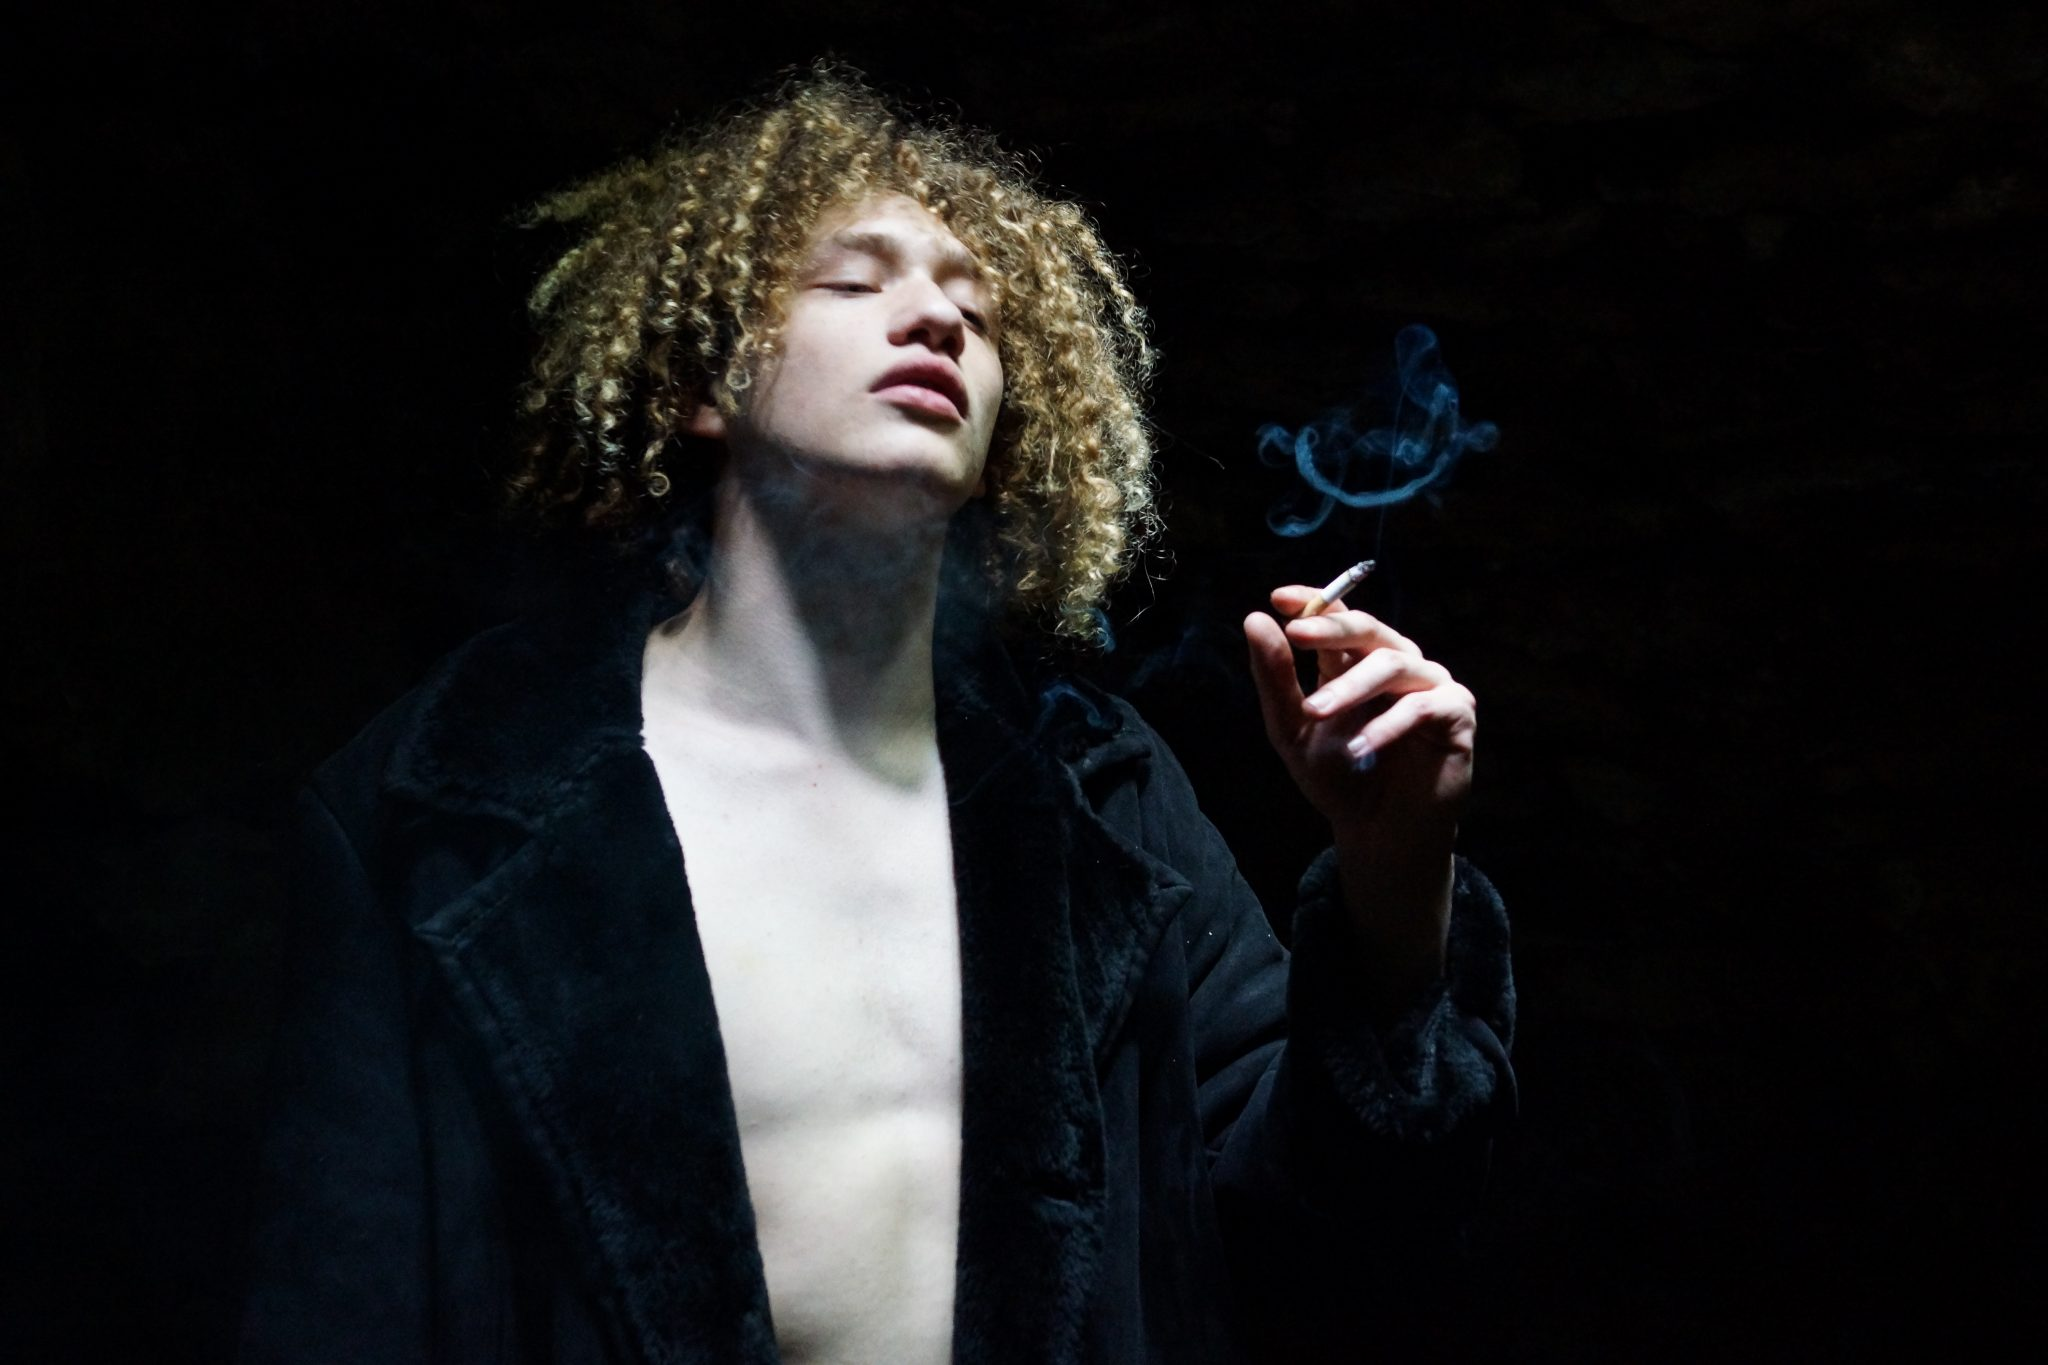 Ein Mann namens Johnny in einem schwarzen Mantel raucht eine Zigarette.